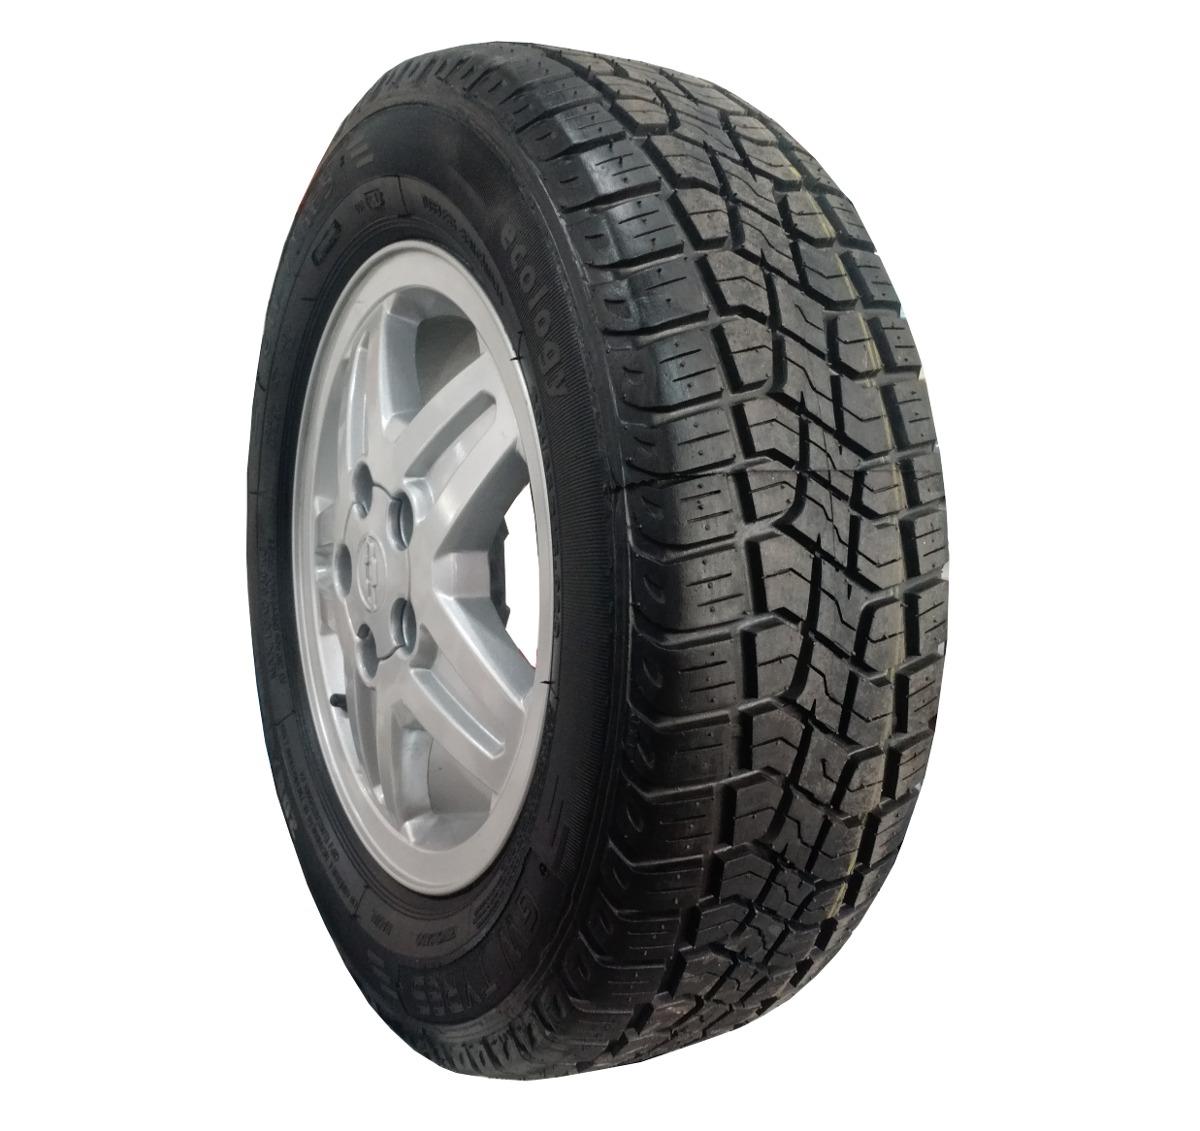 pneu 205 65 r15 atr remold scorpion gw tyre 5 anos garantia r 295 00 em mercado livre. Black Bedroom Furniture Sets. Home Design Ideas